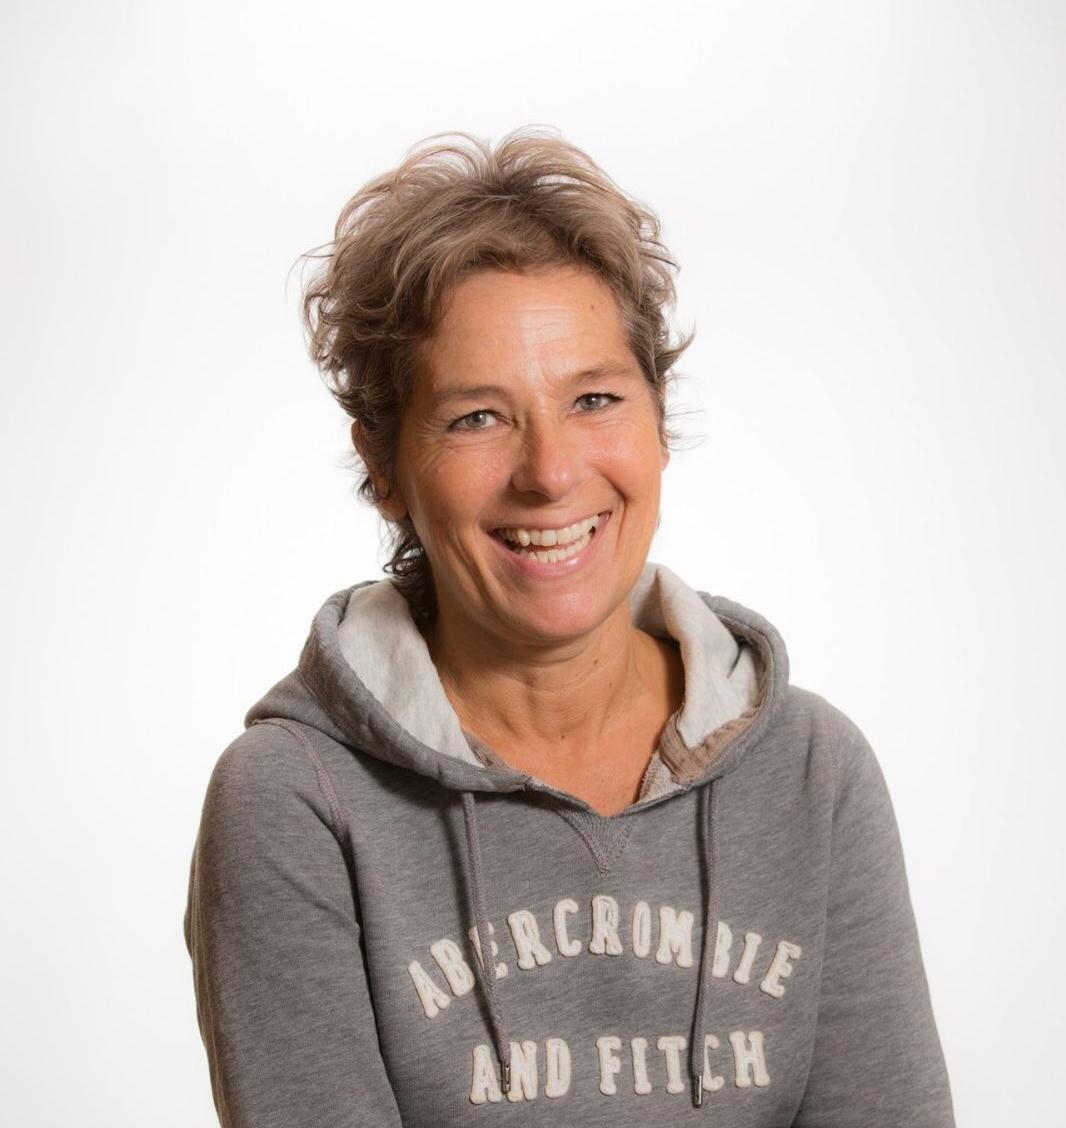 Nina Jansen - Sinds 2012 ben ik werkzaam bij Dierenkliniek Westwijk. Ik richt me met name op de administratie en verricht hand- en spandiensten waar nodig.